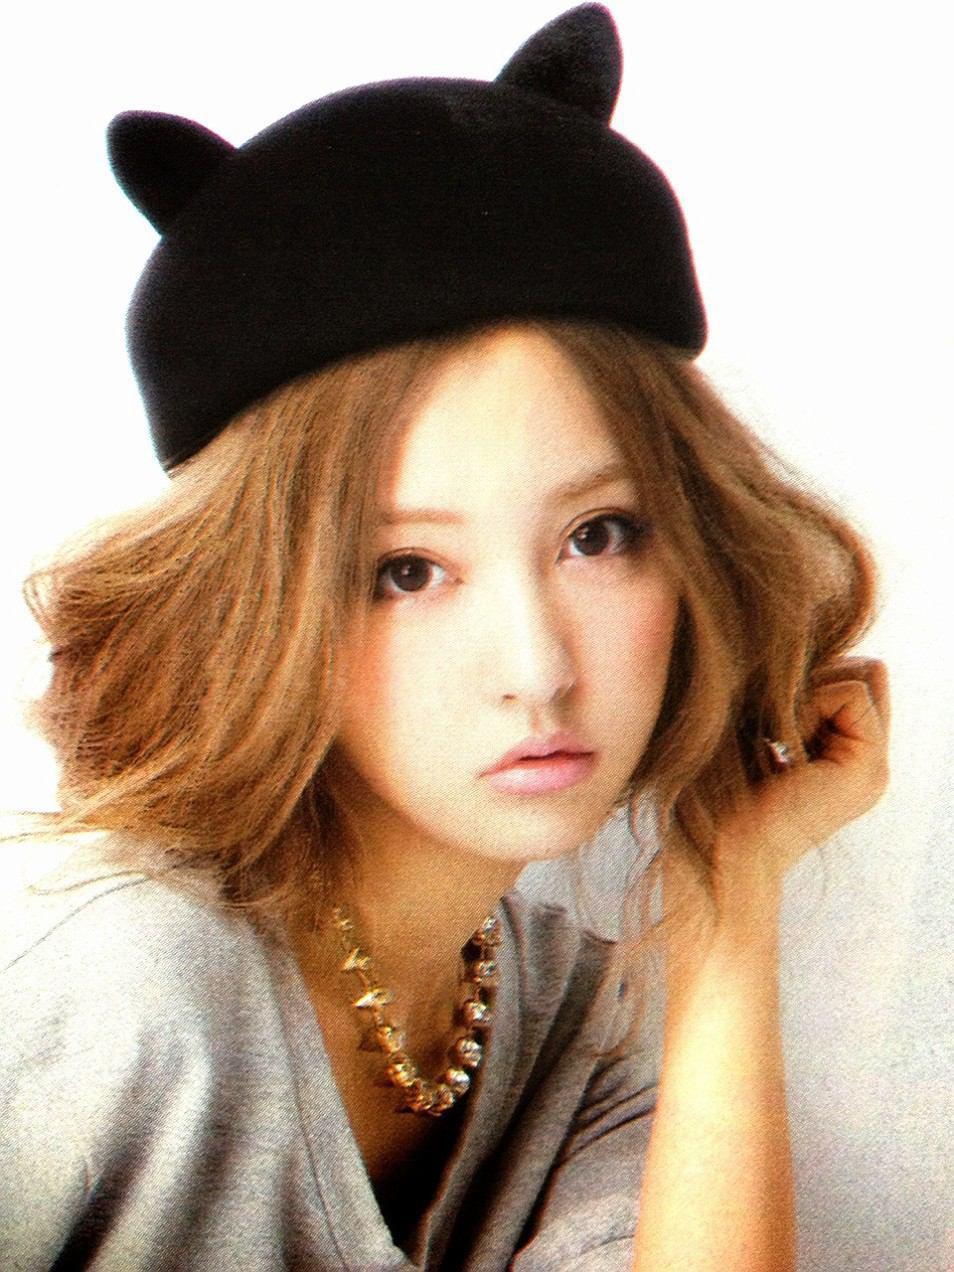 【板野友美さんの歌】アイドル&歌手の板野友美さんの歌動画のサムネイル画像